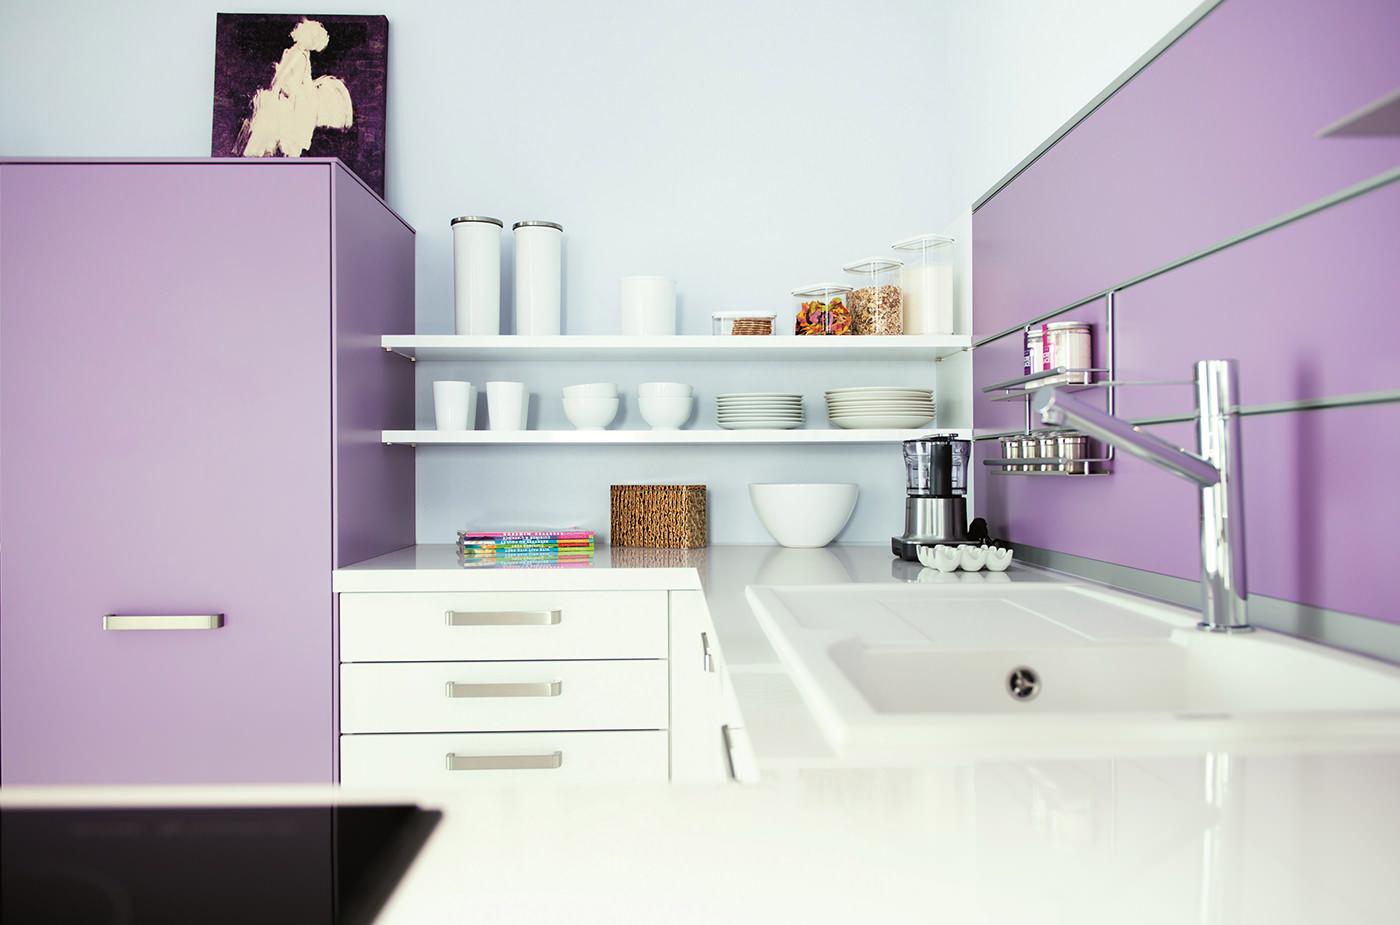 Кухня фиолетового оттенка